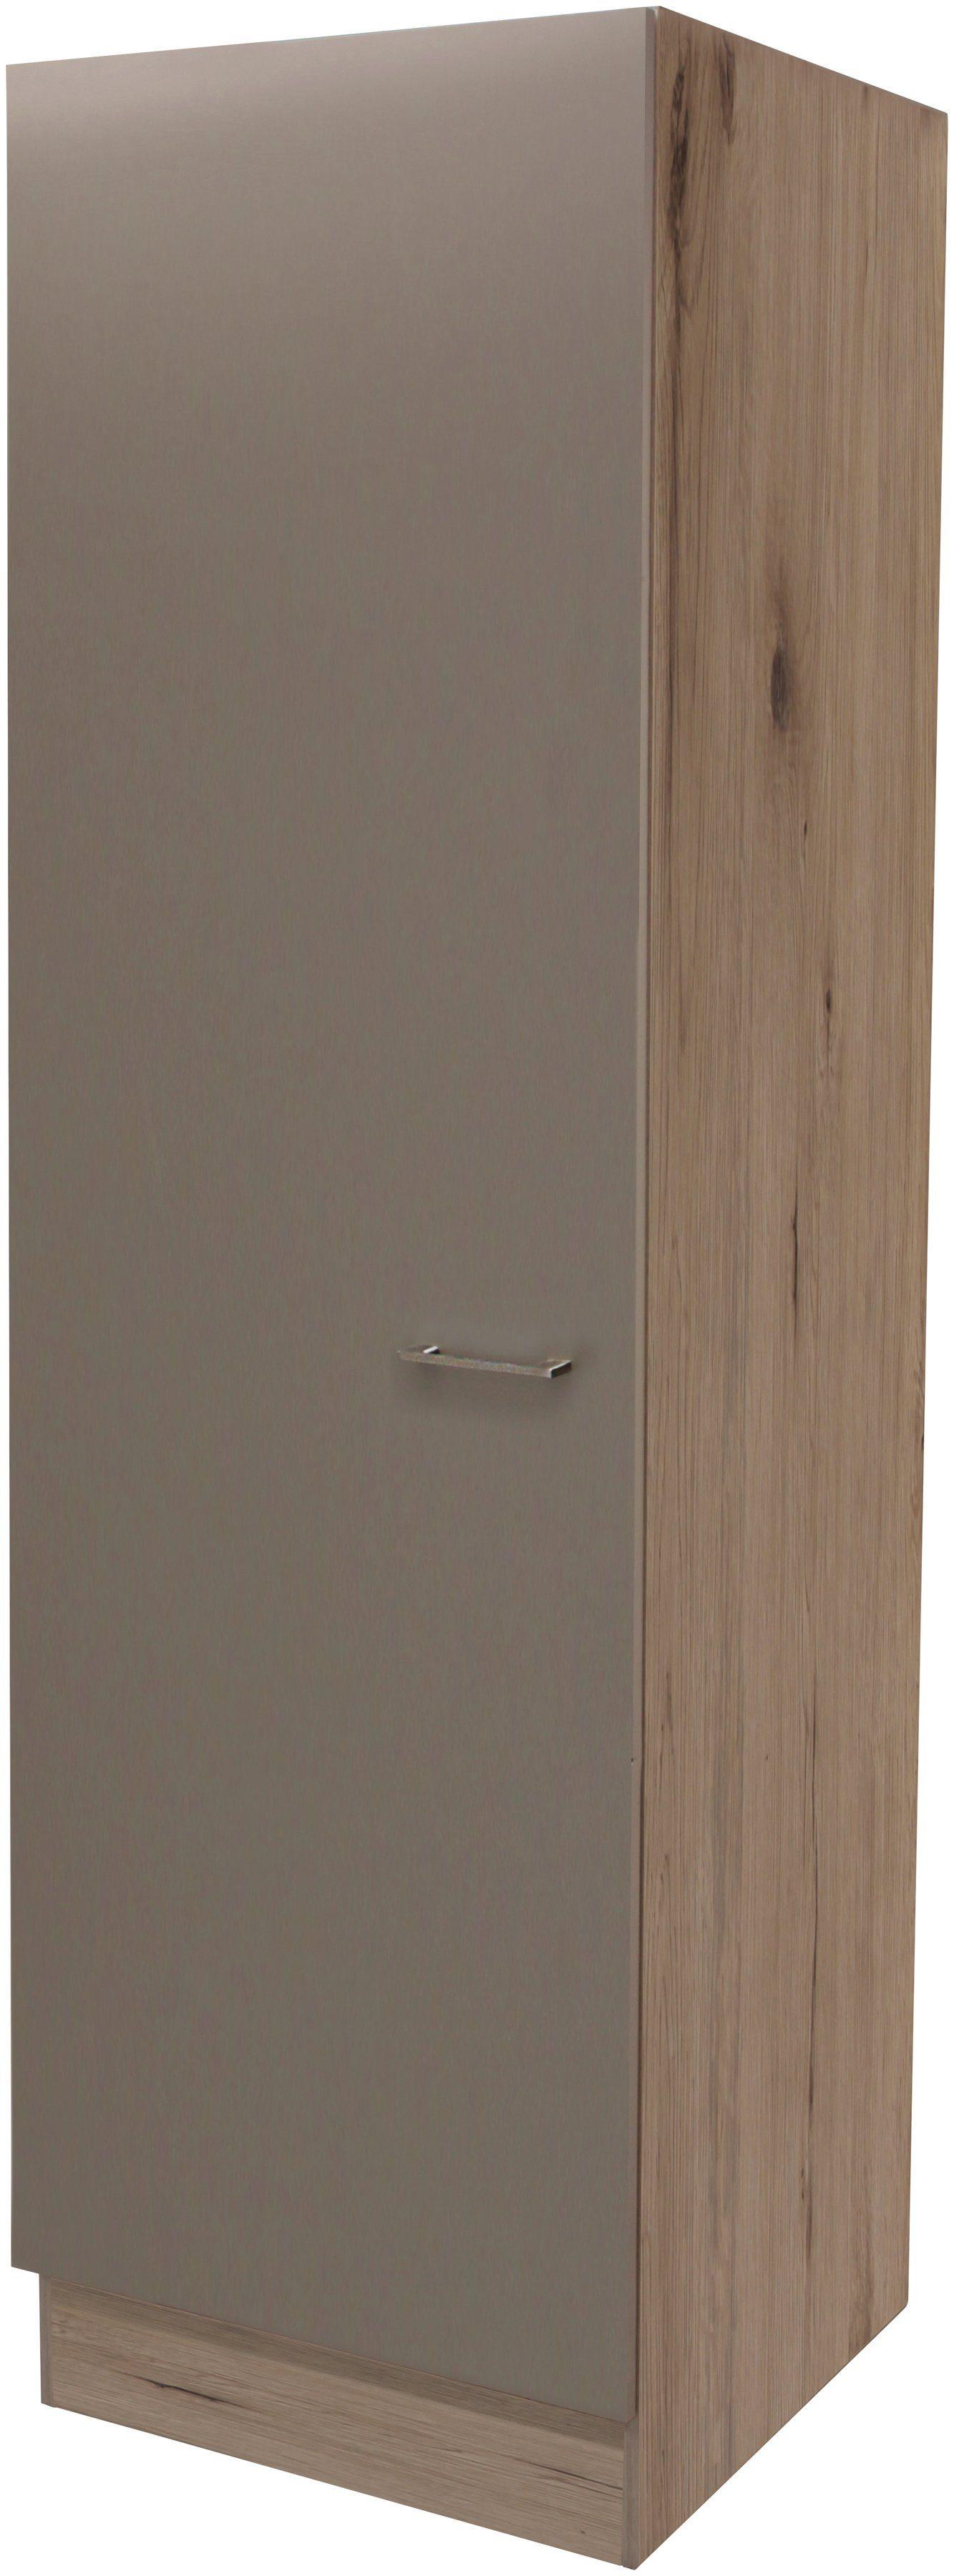 Vorratsschrank »Riva, Breite 50 cm«